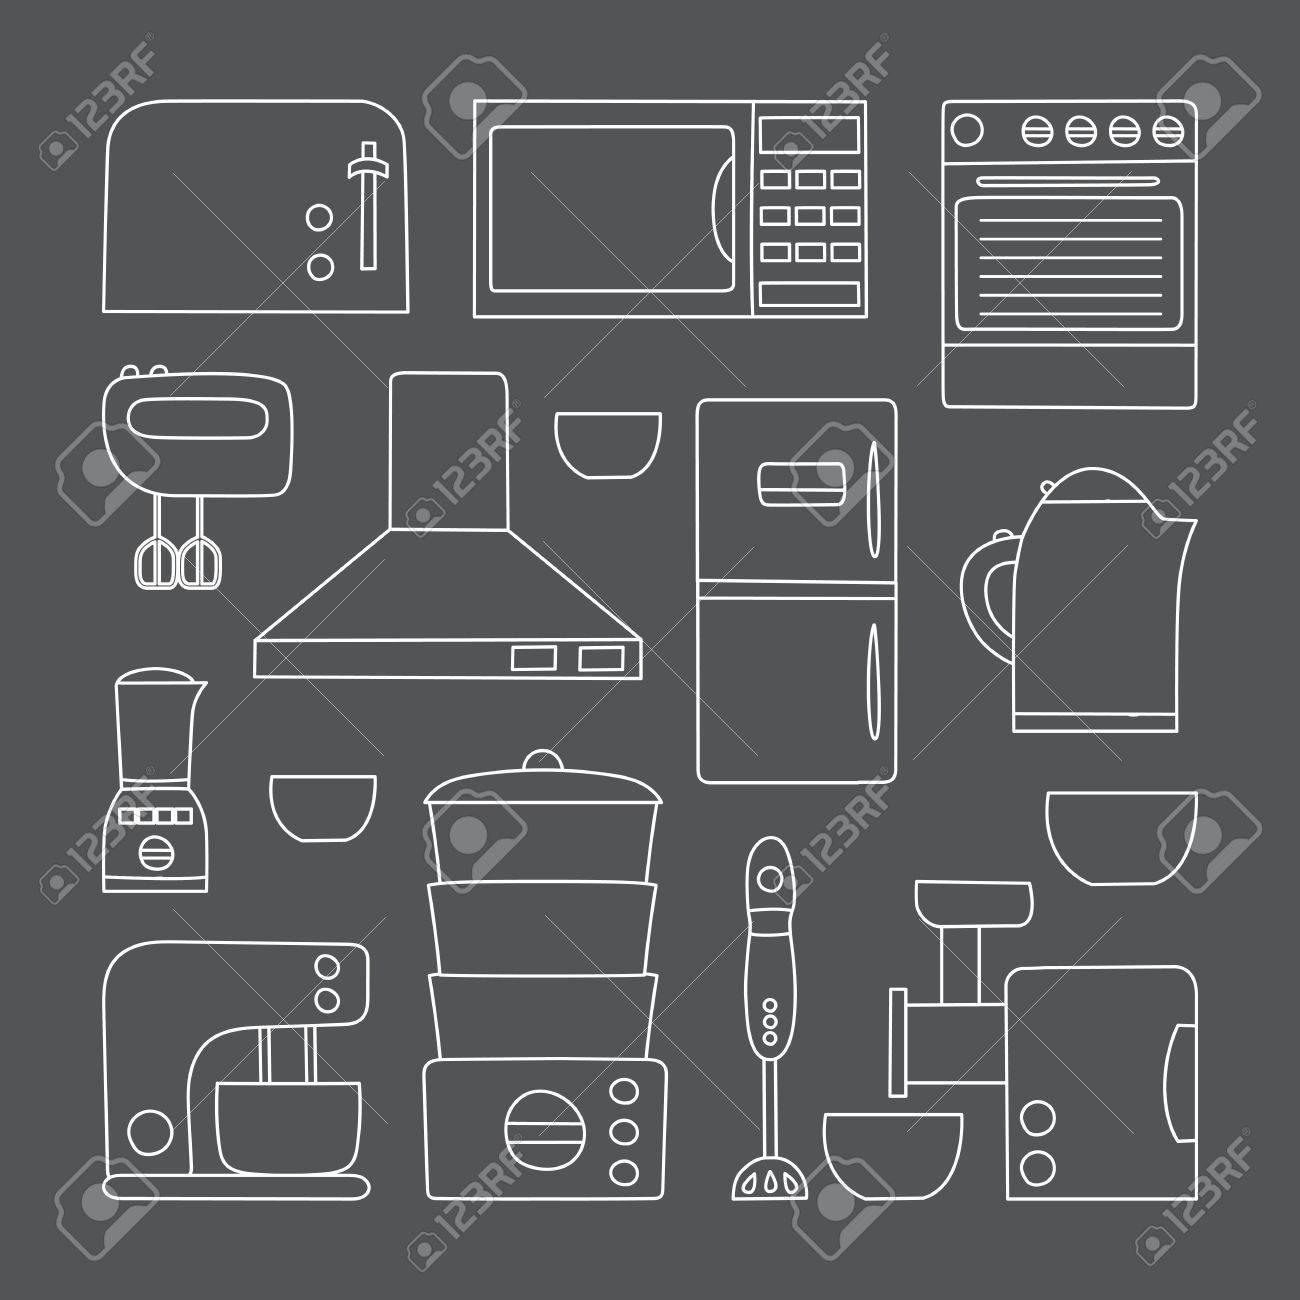 Vector Appareils De Cuisine De Ligne Icône Le Style Plat Simple De Design D Intérieur De La Cuisine Appareils De Cuisine Appartement Objet